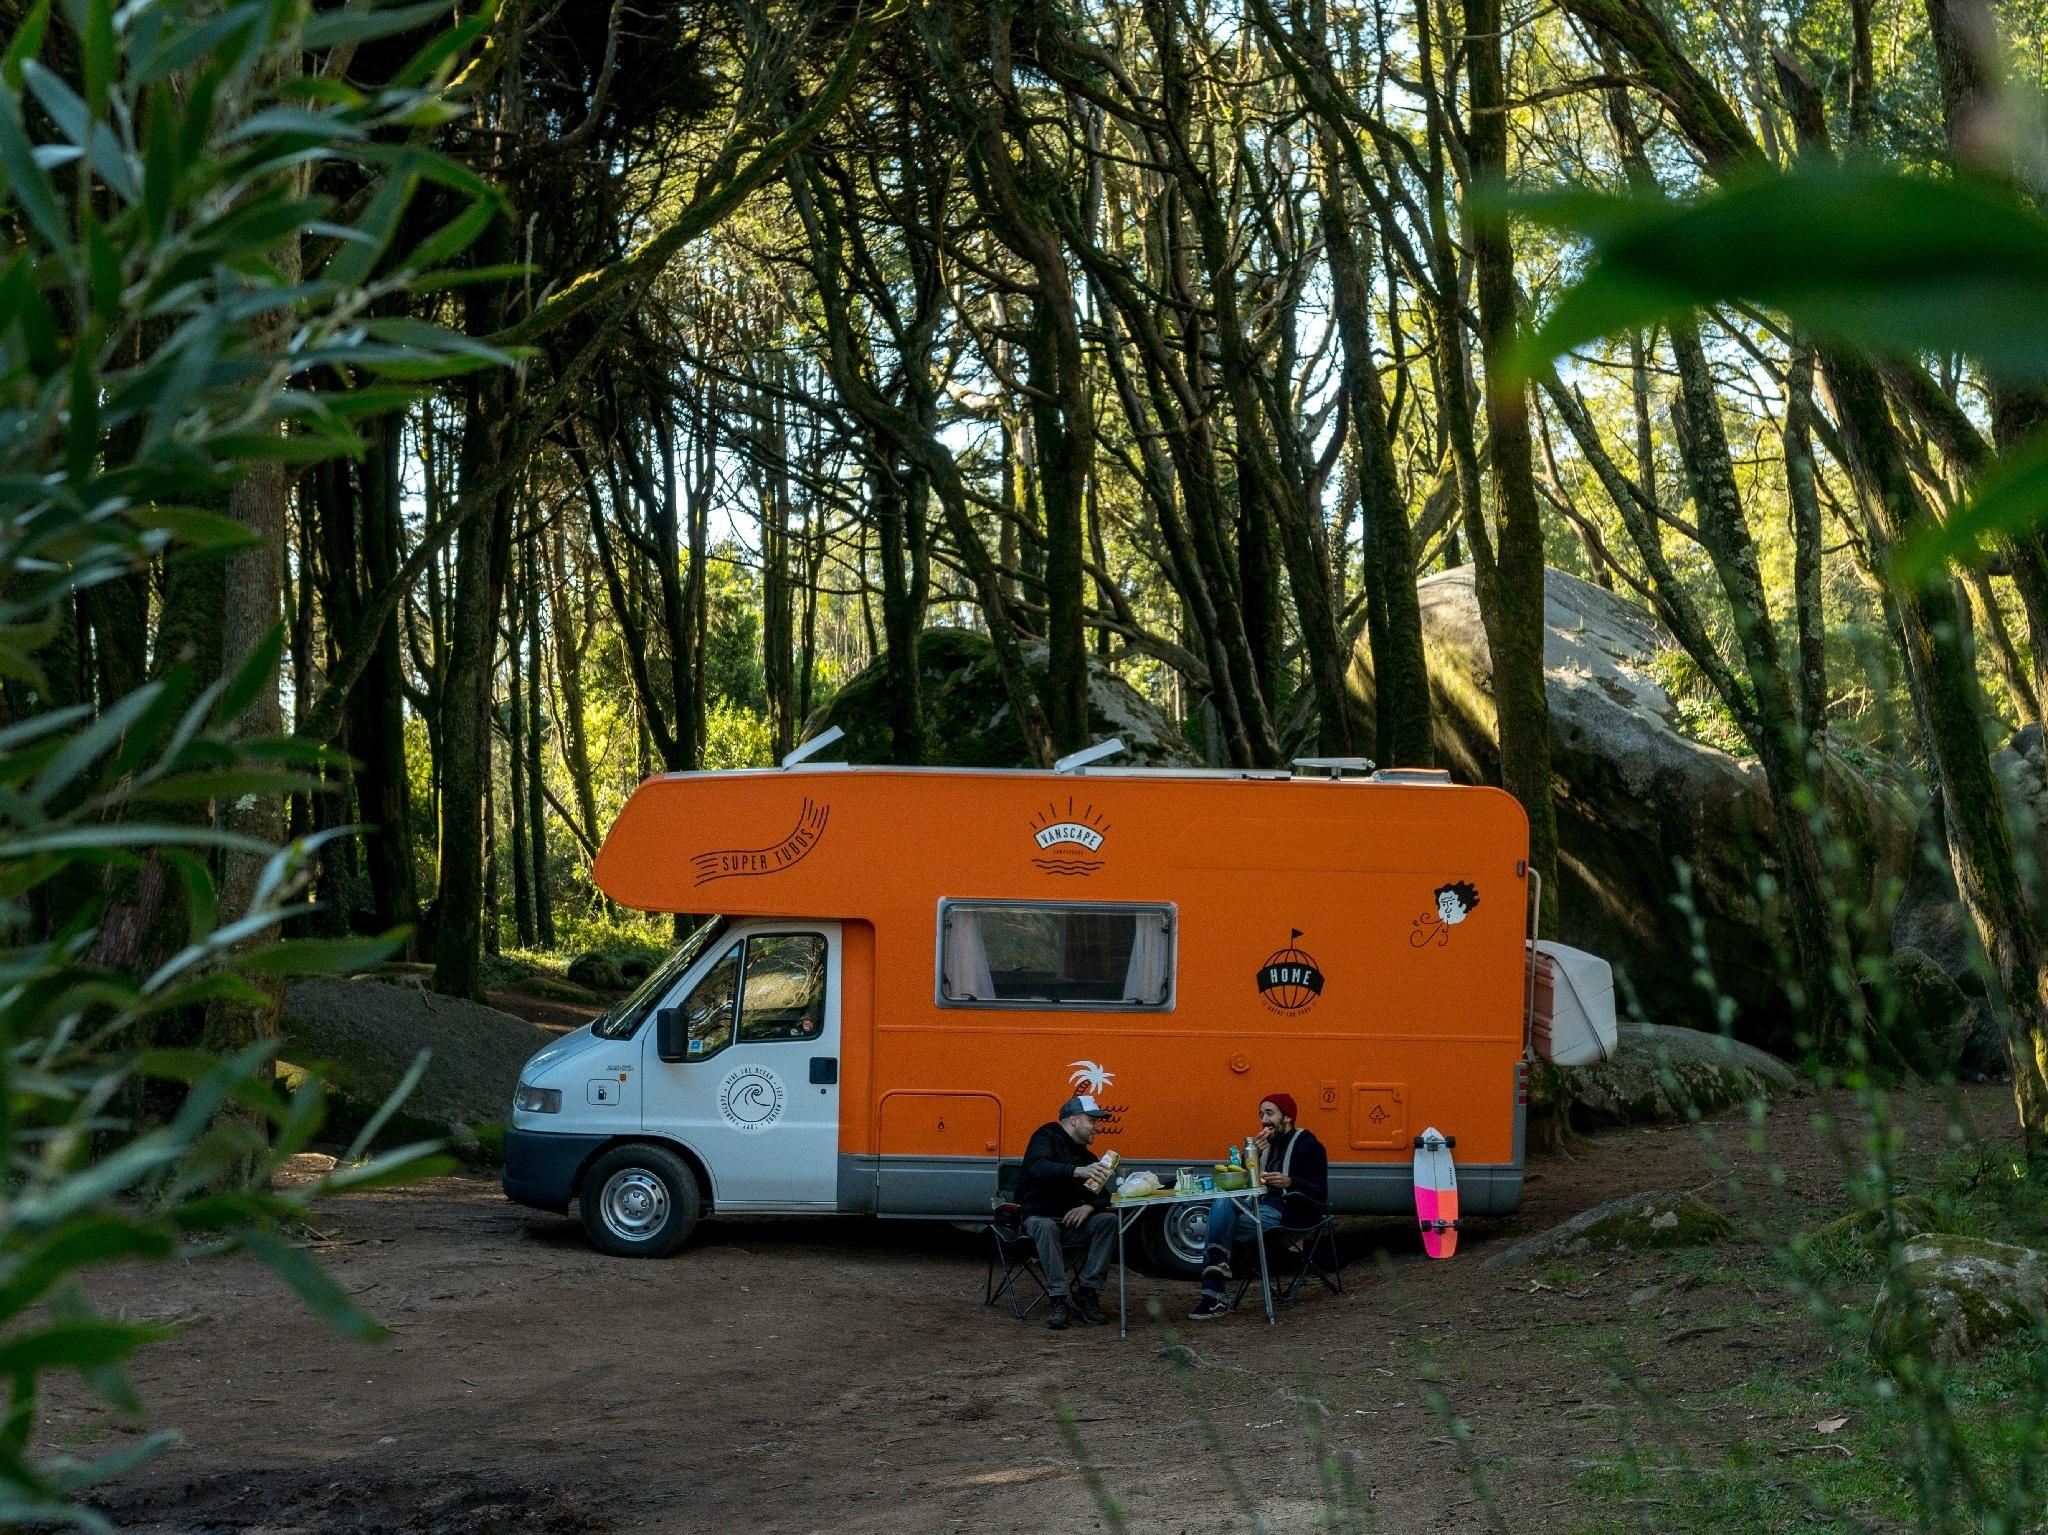 Caravana, Acampar, Vanscape